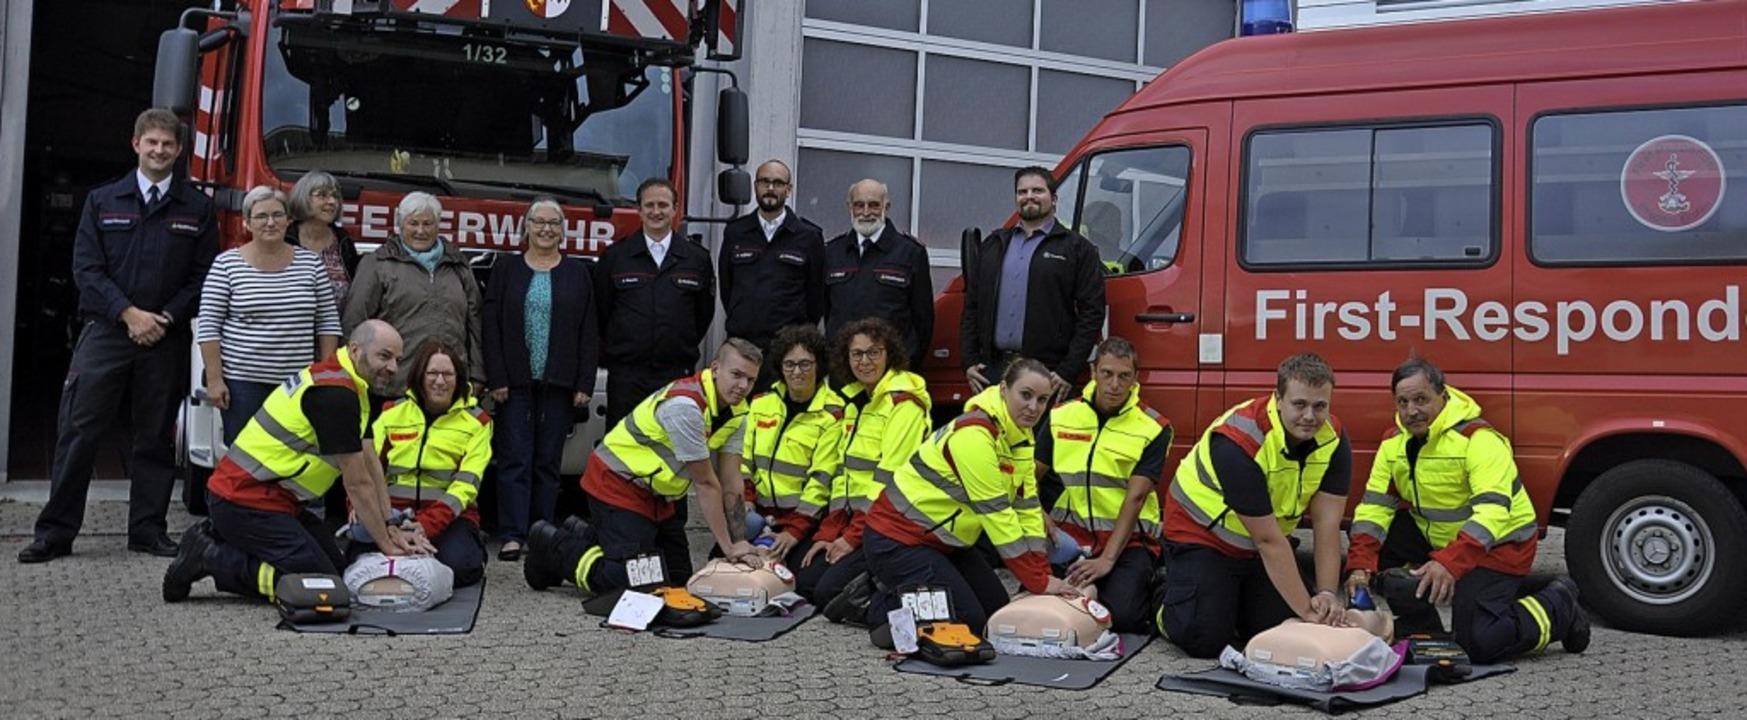 Die First Responder  Efringen-Kirchen ...ionspuppen und Defibrillationstrainer.  | Foto: Jutta Schütz